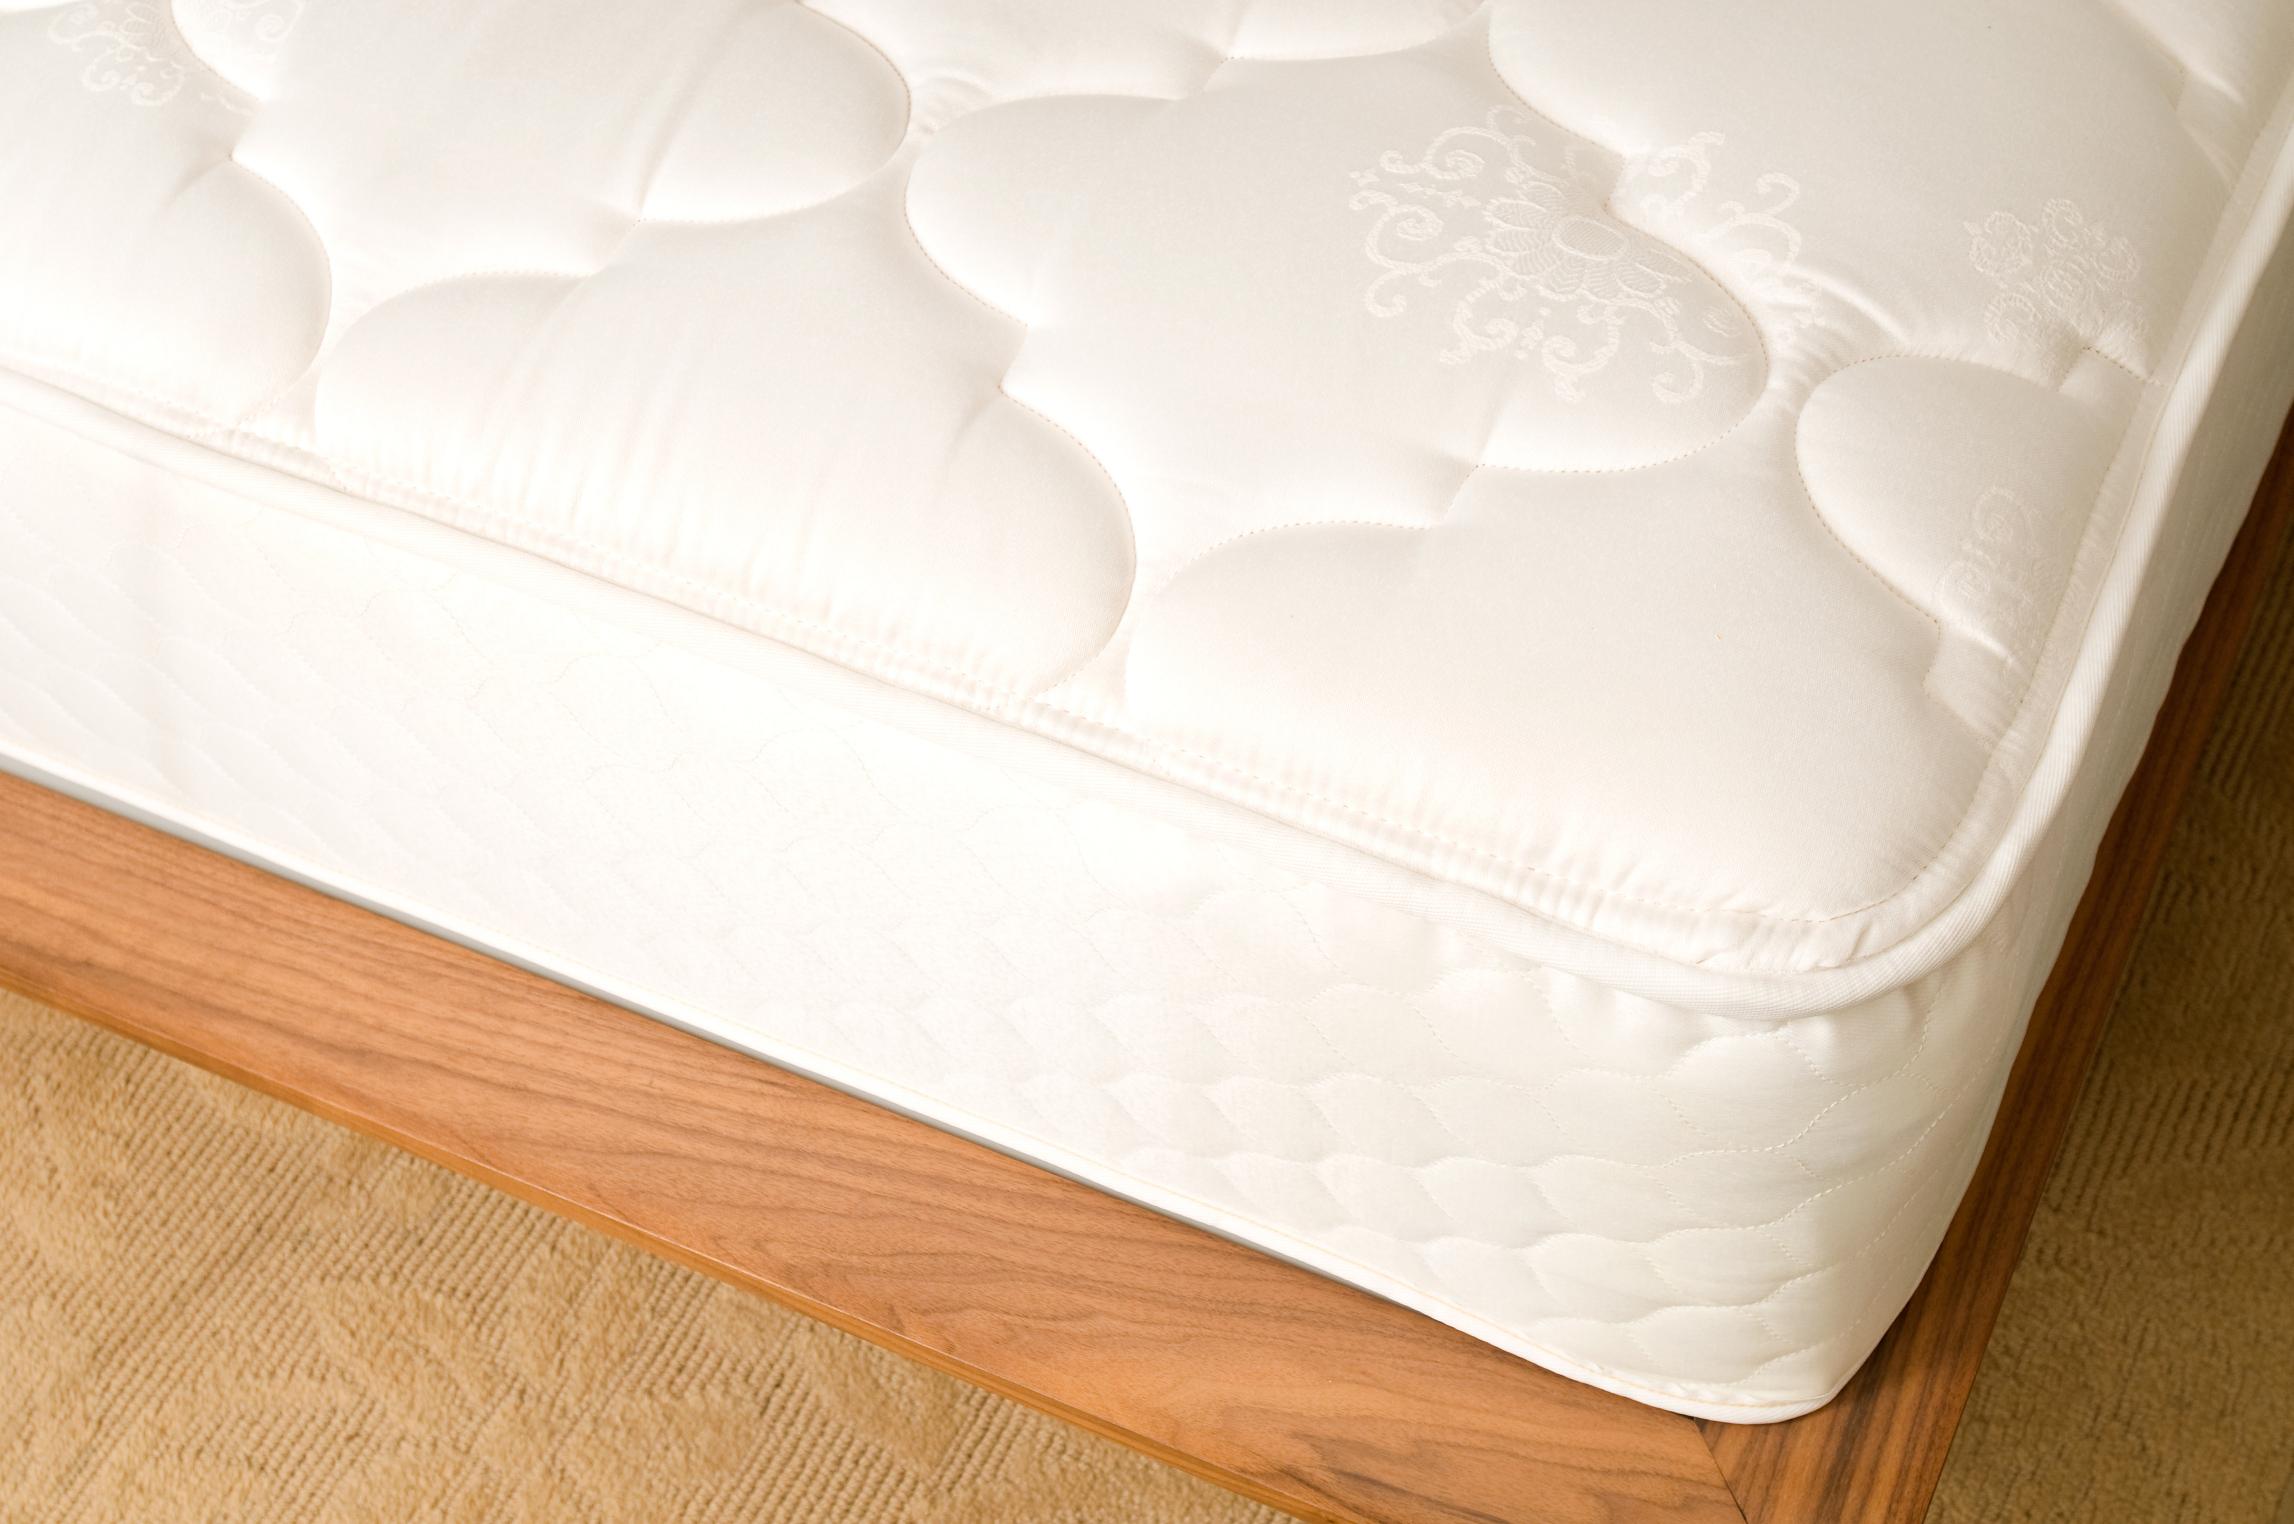 Cada cuanto debería cambiar comprar un colchón nuevo? |